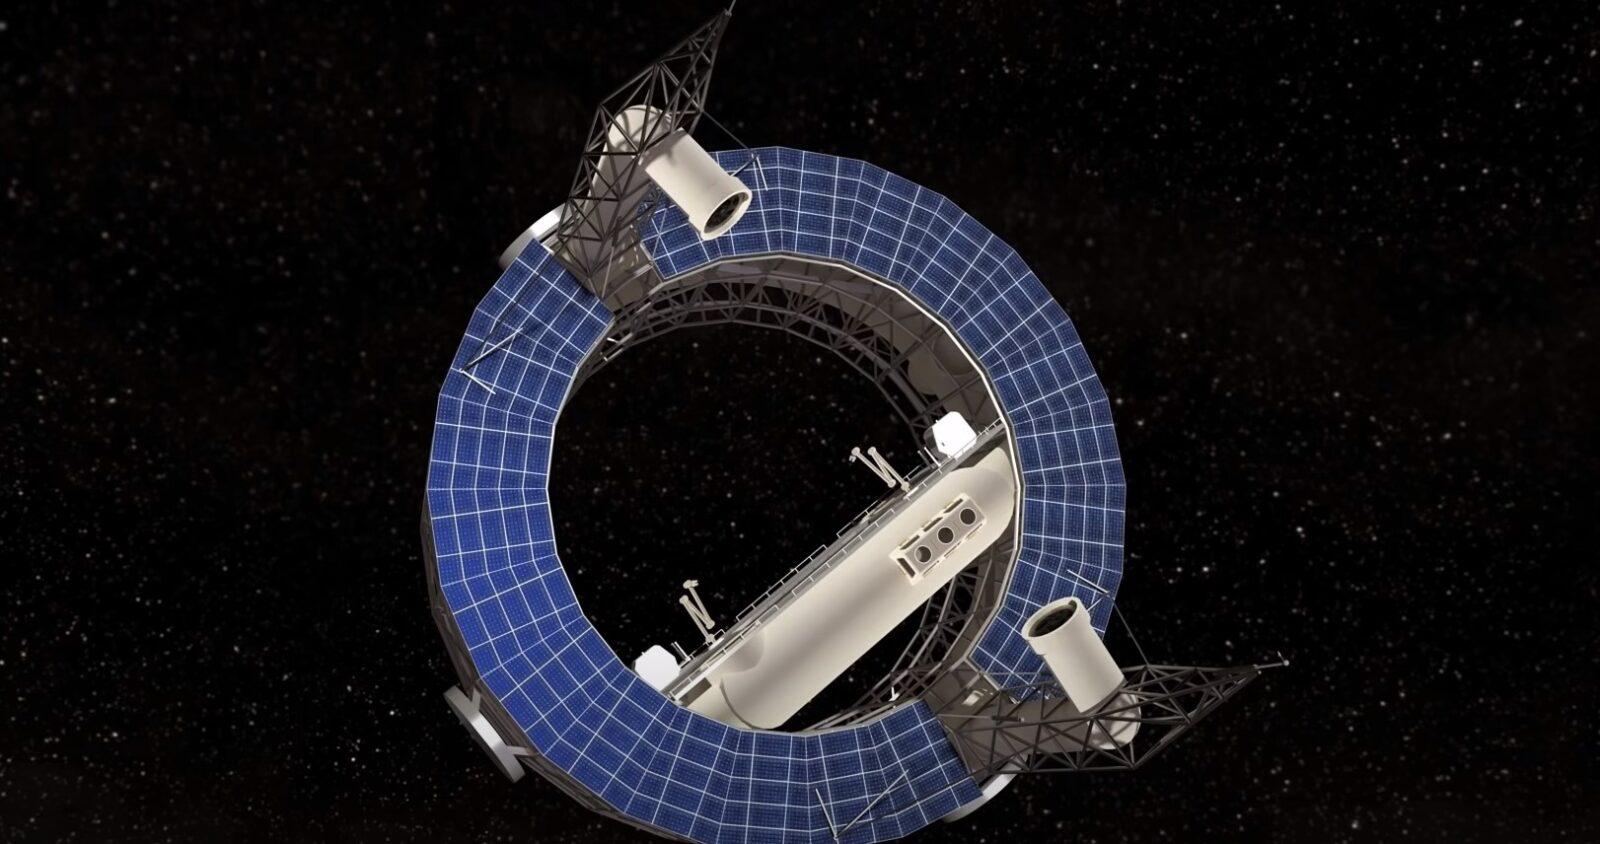 W 2025 roku ruszy budowa pierwszej prywatnej stacji kosmicznej. Amerykański start-up chce wytworzyć w kosmosie sztuczną grawitację